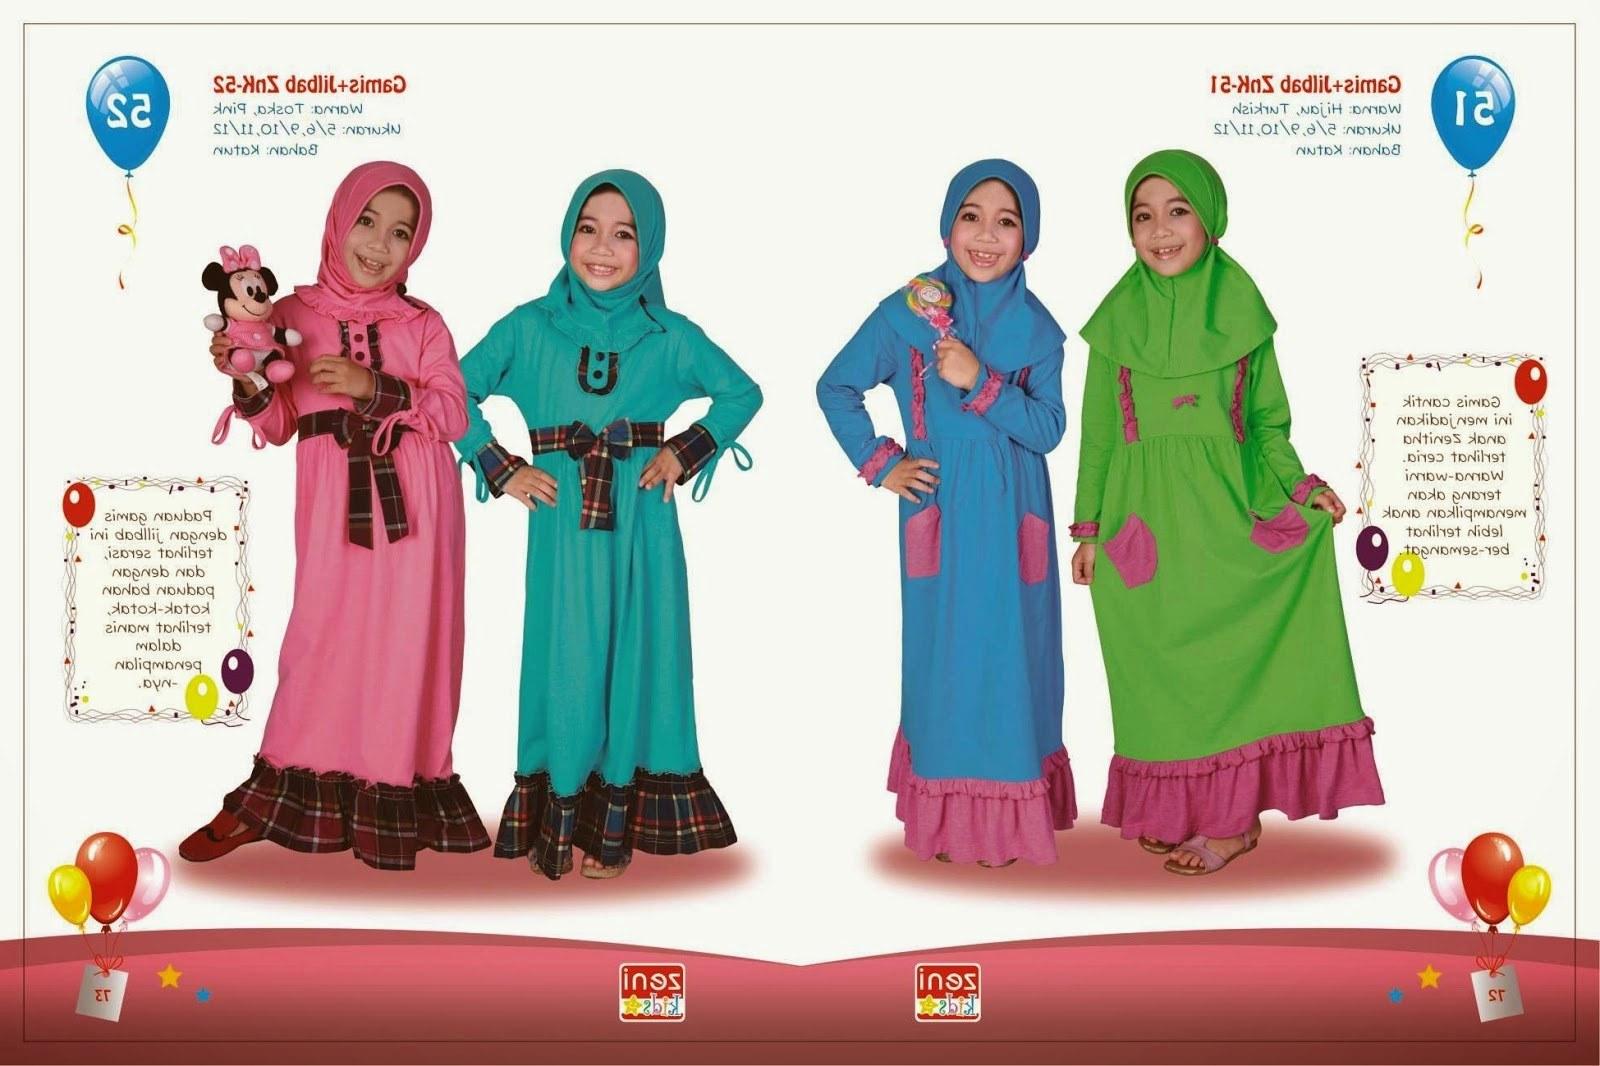 Bentuk Setelan Baju Lebaran O2d5 Baju Lebaran Anak Setelan Gamis Yang Imut Dan Lucu 2015